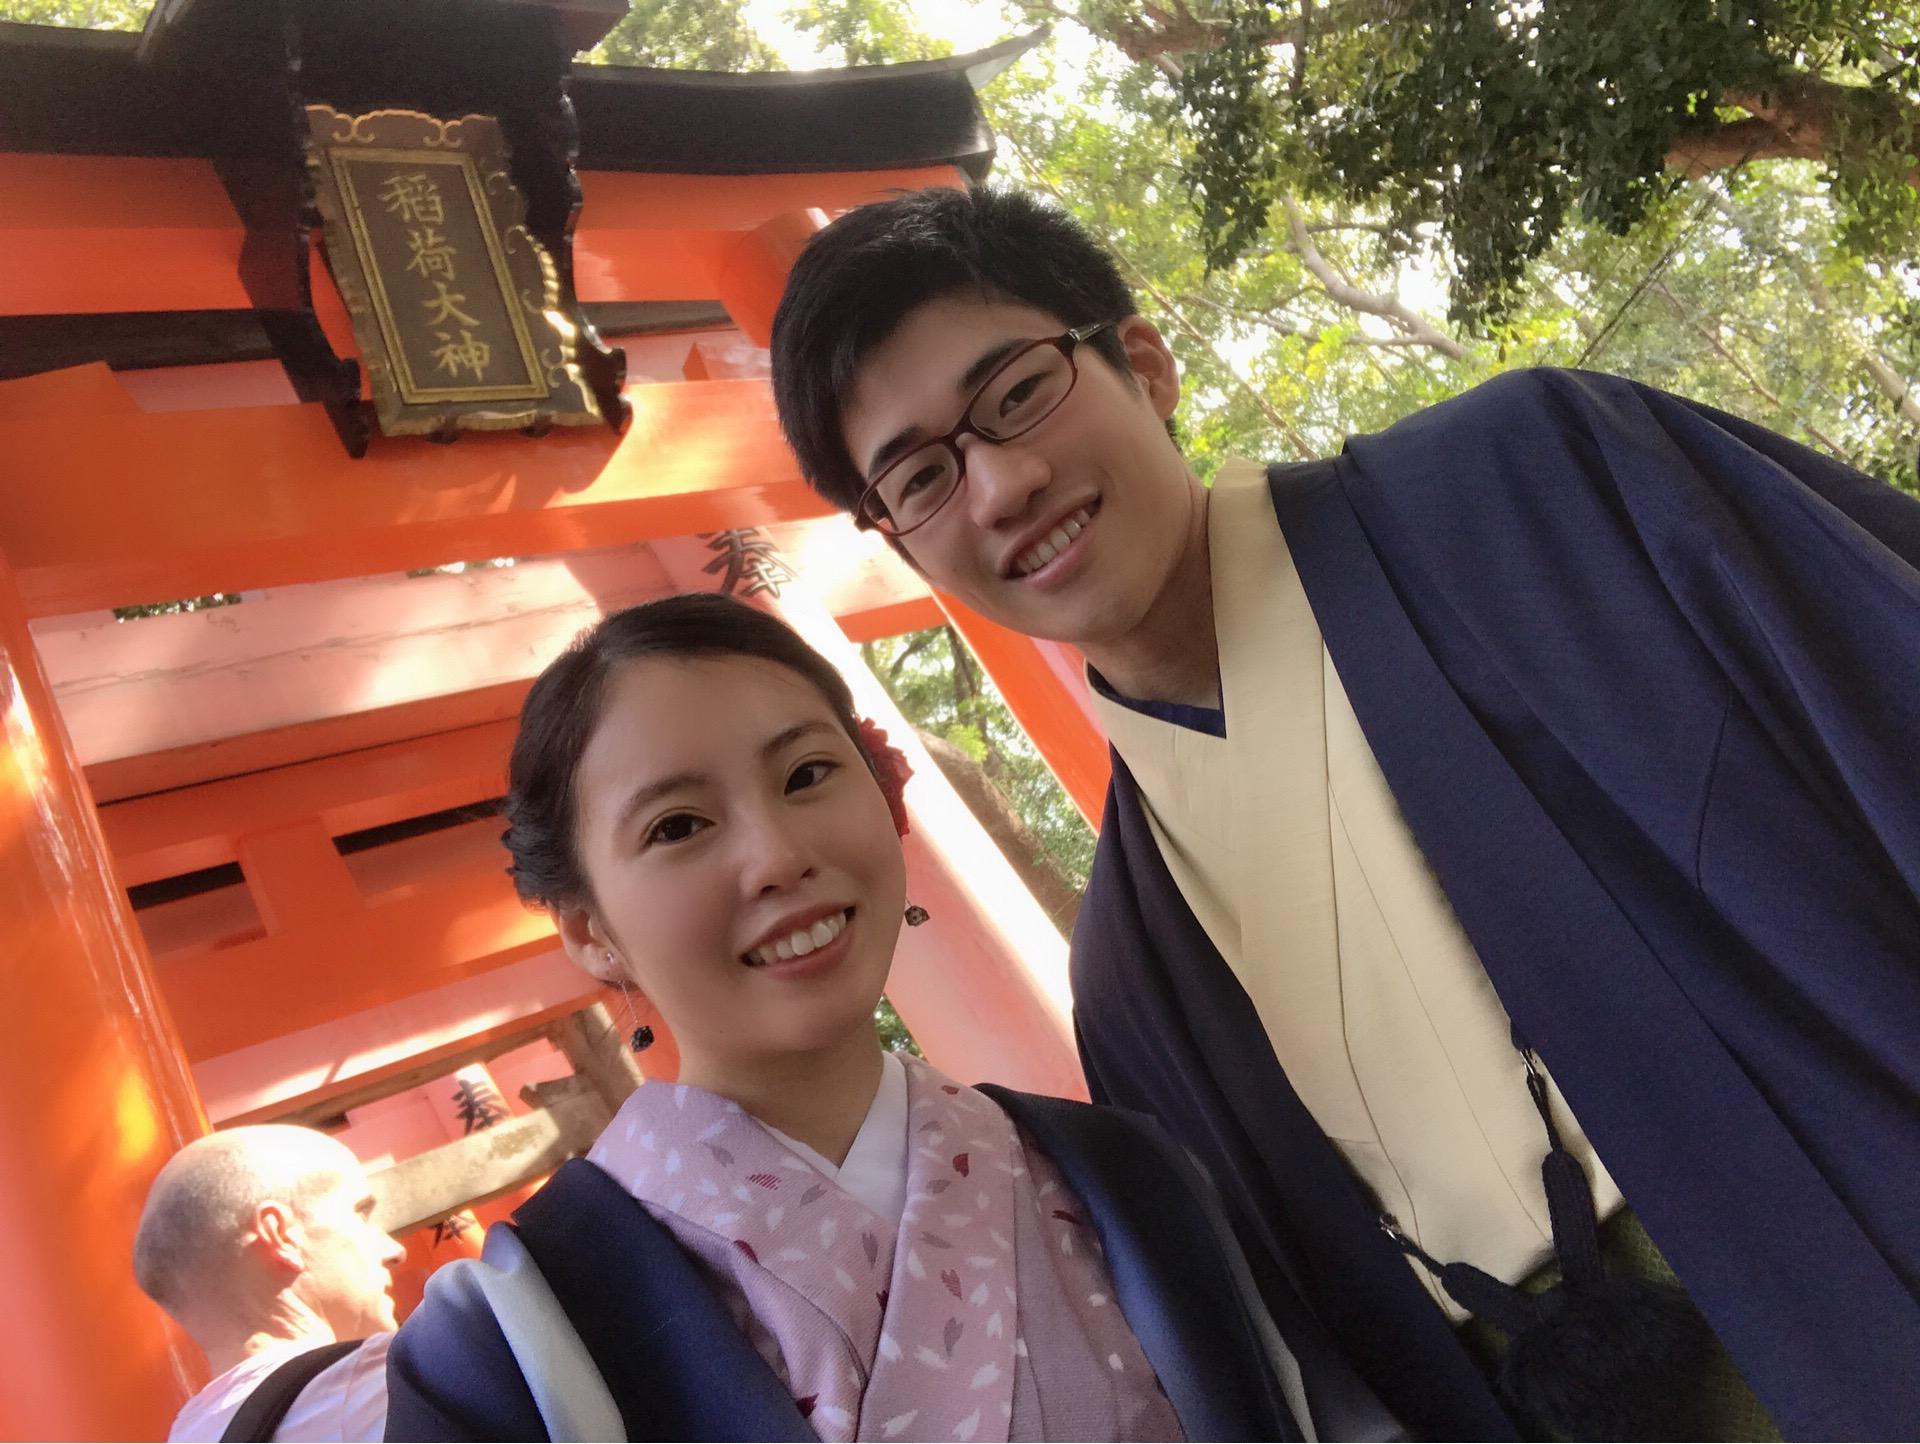 男女共に羽織姿で京都を散策♪2019年10月28日6